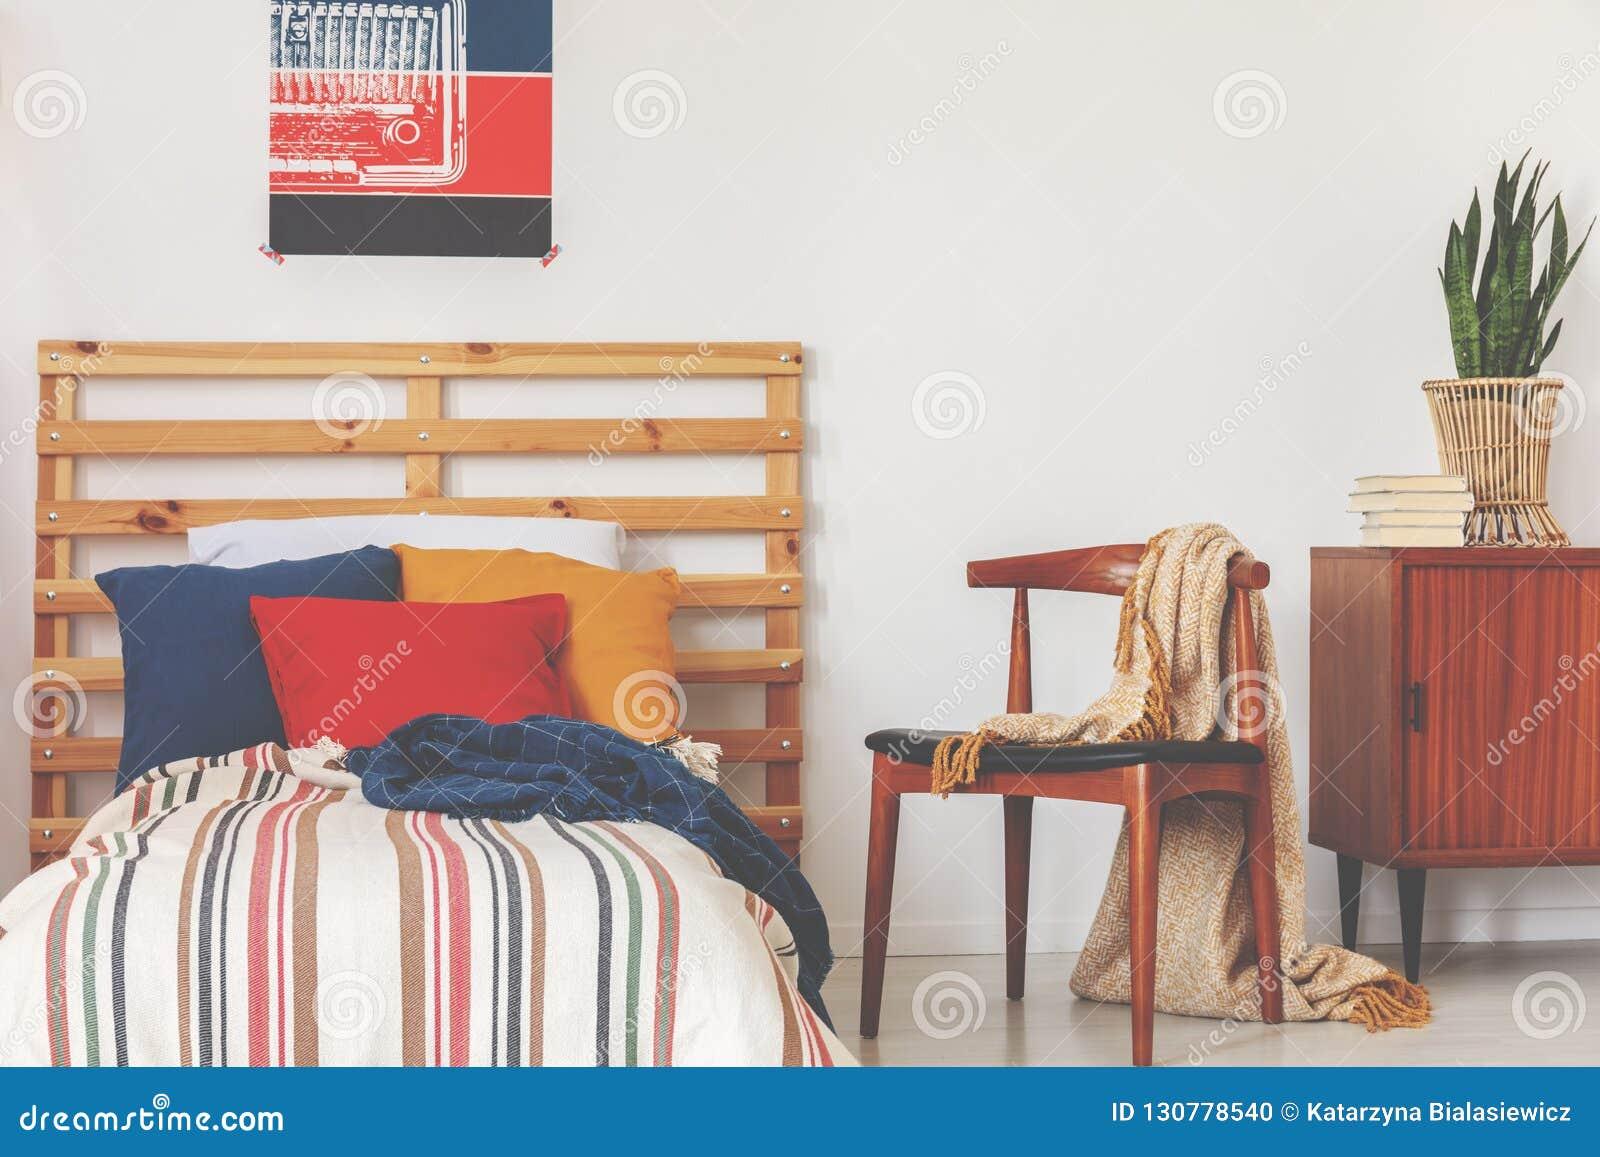 Almohadas azules, rojas y anaranjadas en sola cama con el edredón pelado y el cabecero de madera en el interior del dormitorio de